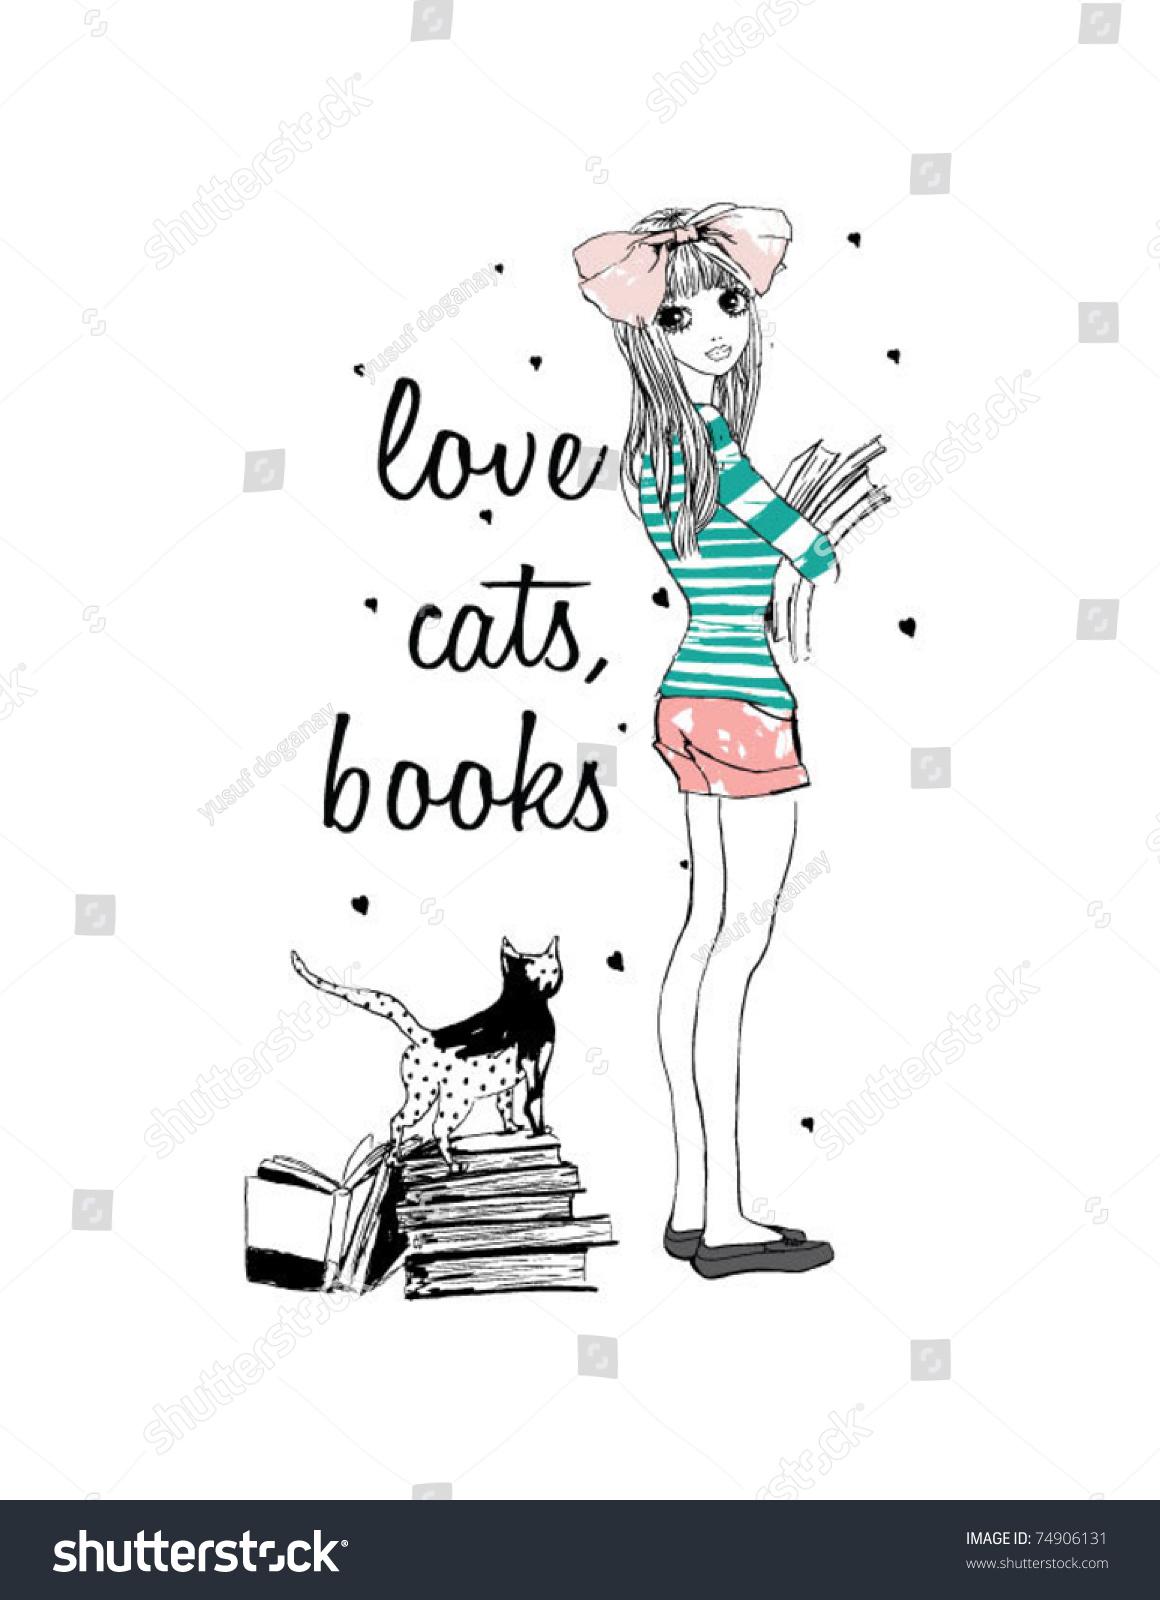 图书猫时尚女郎-美容/时装服饰